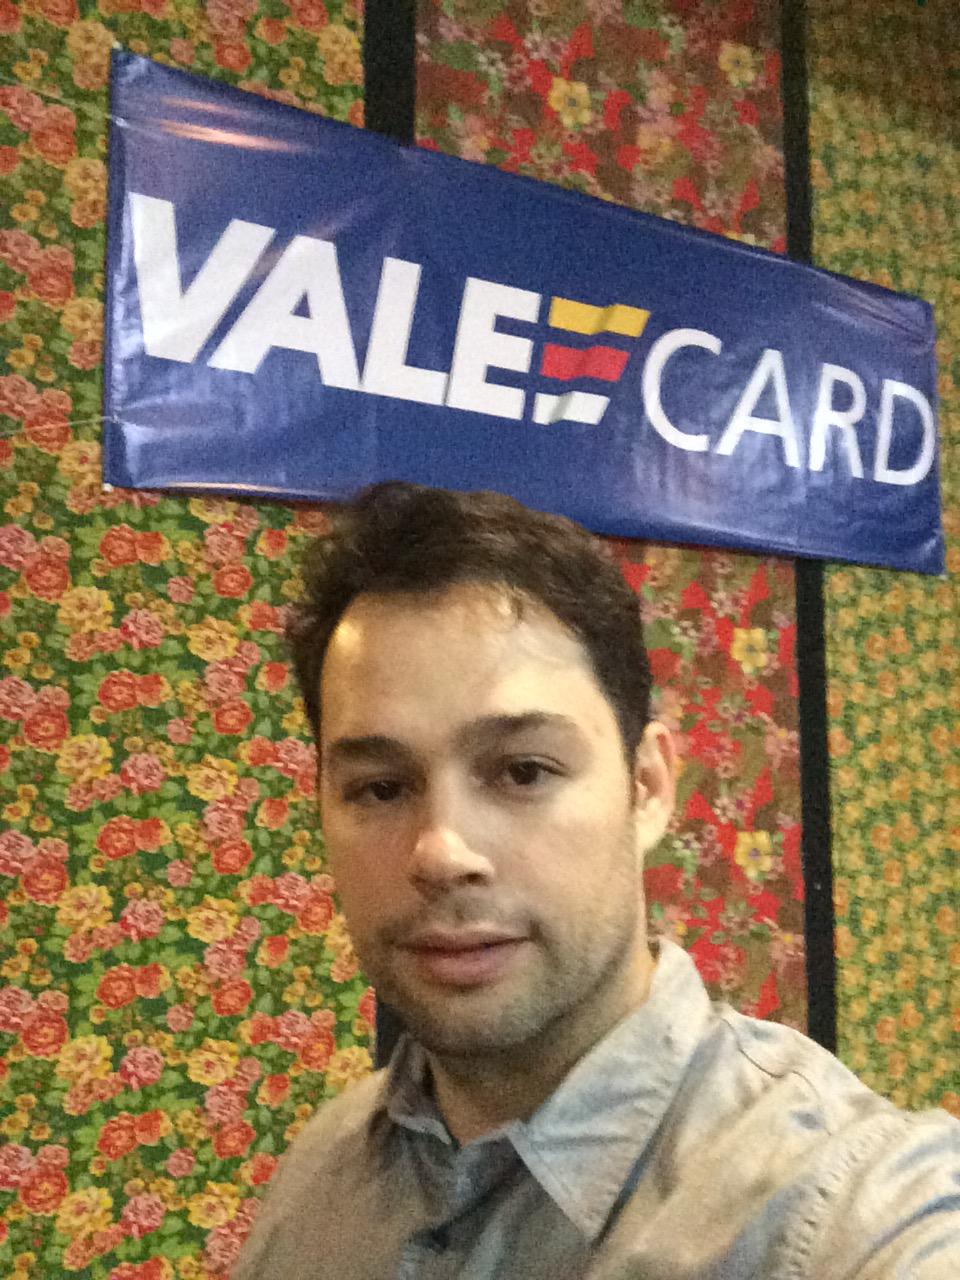 Circuito Festa Junina Uberlandia : Dj massilon e som festa junina valecard uberl ndia